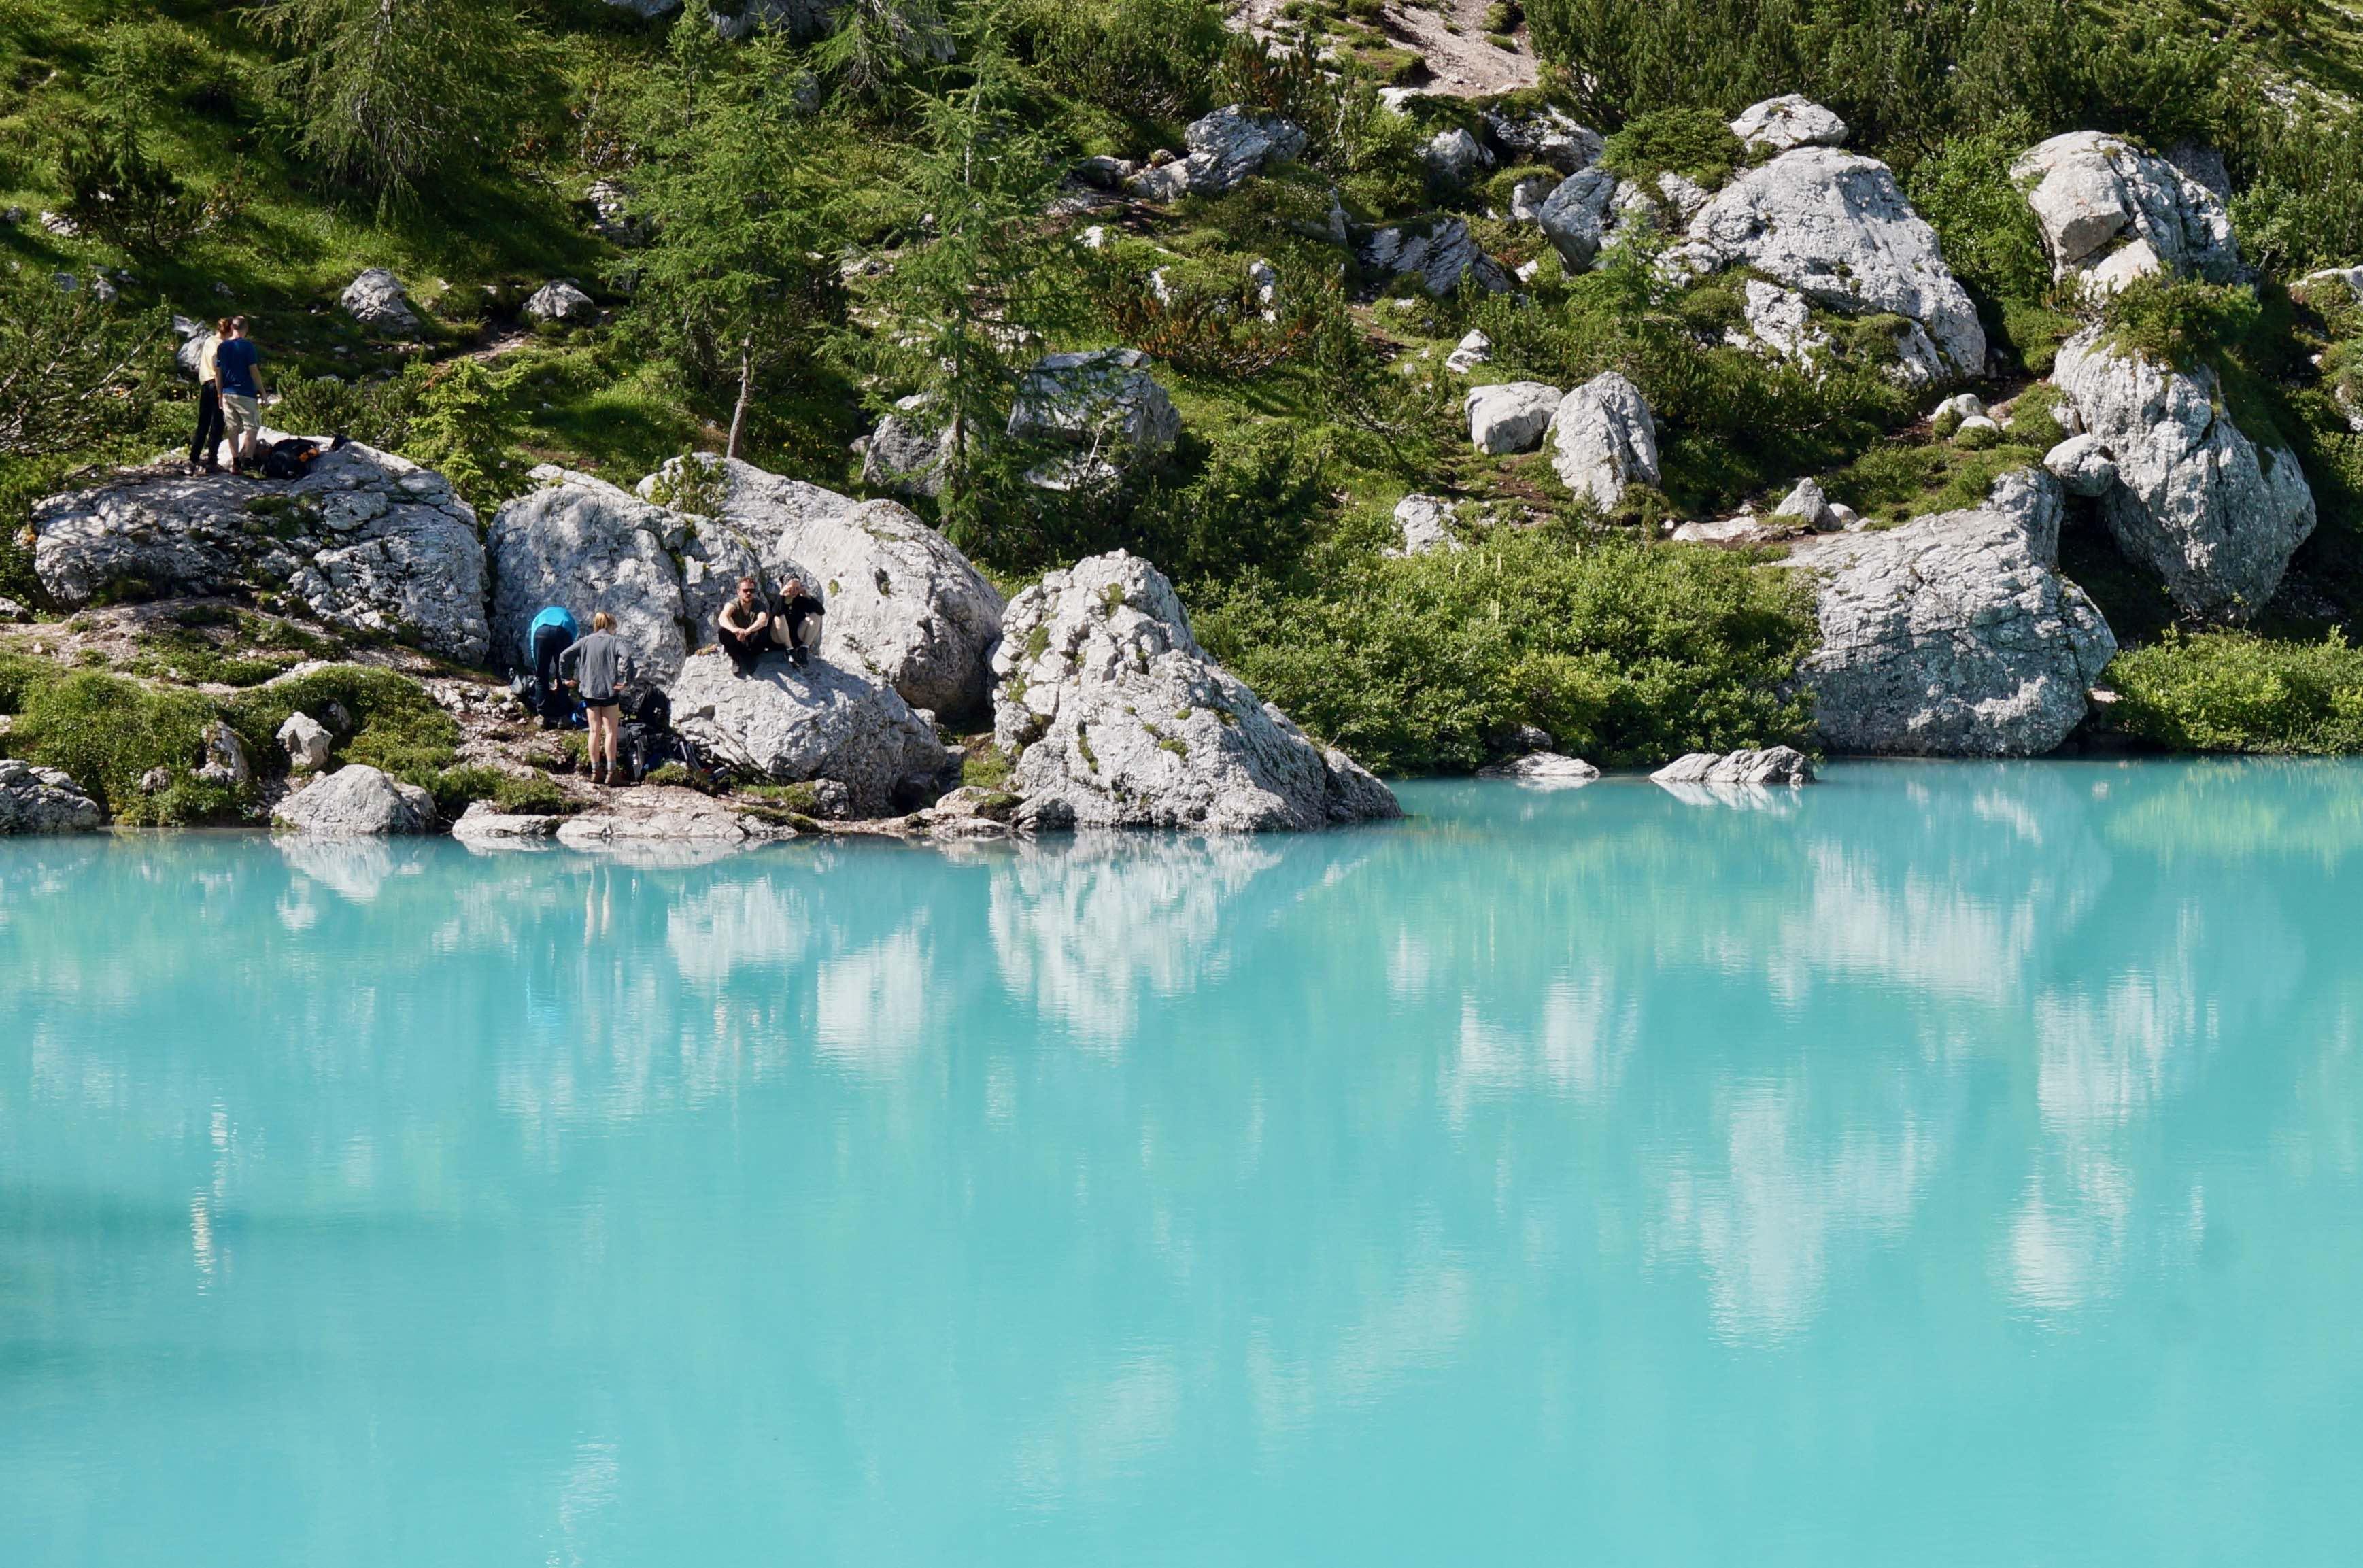 lago di sorapis, dolomites, italie